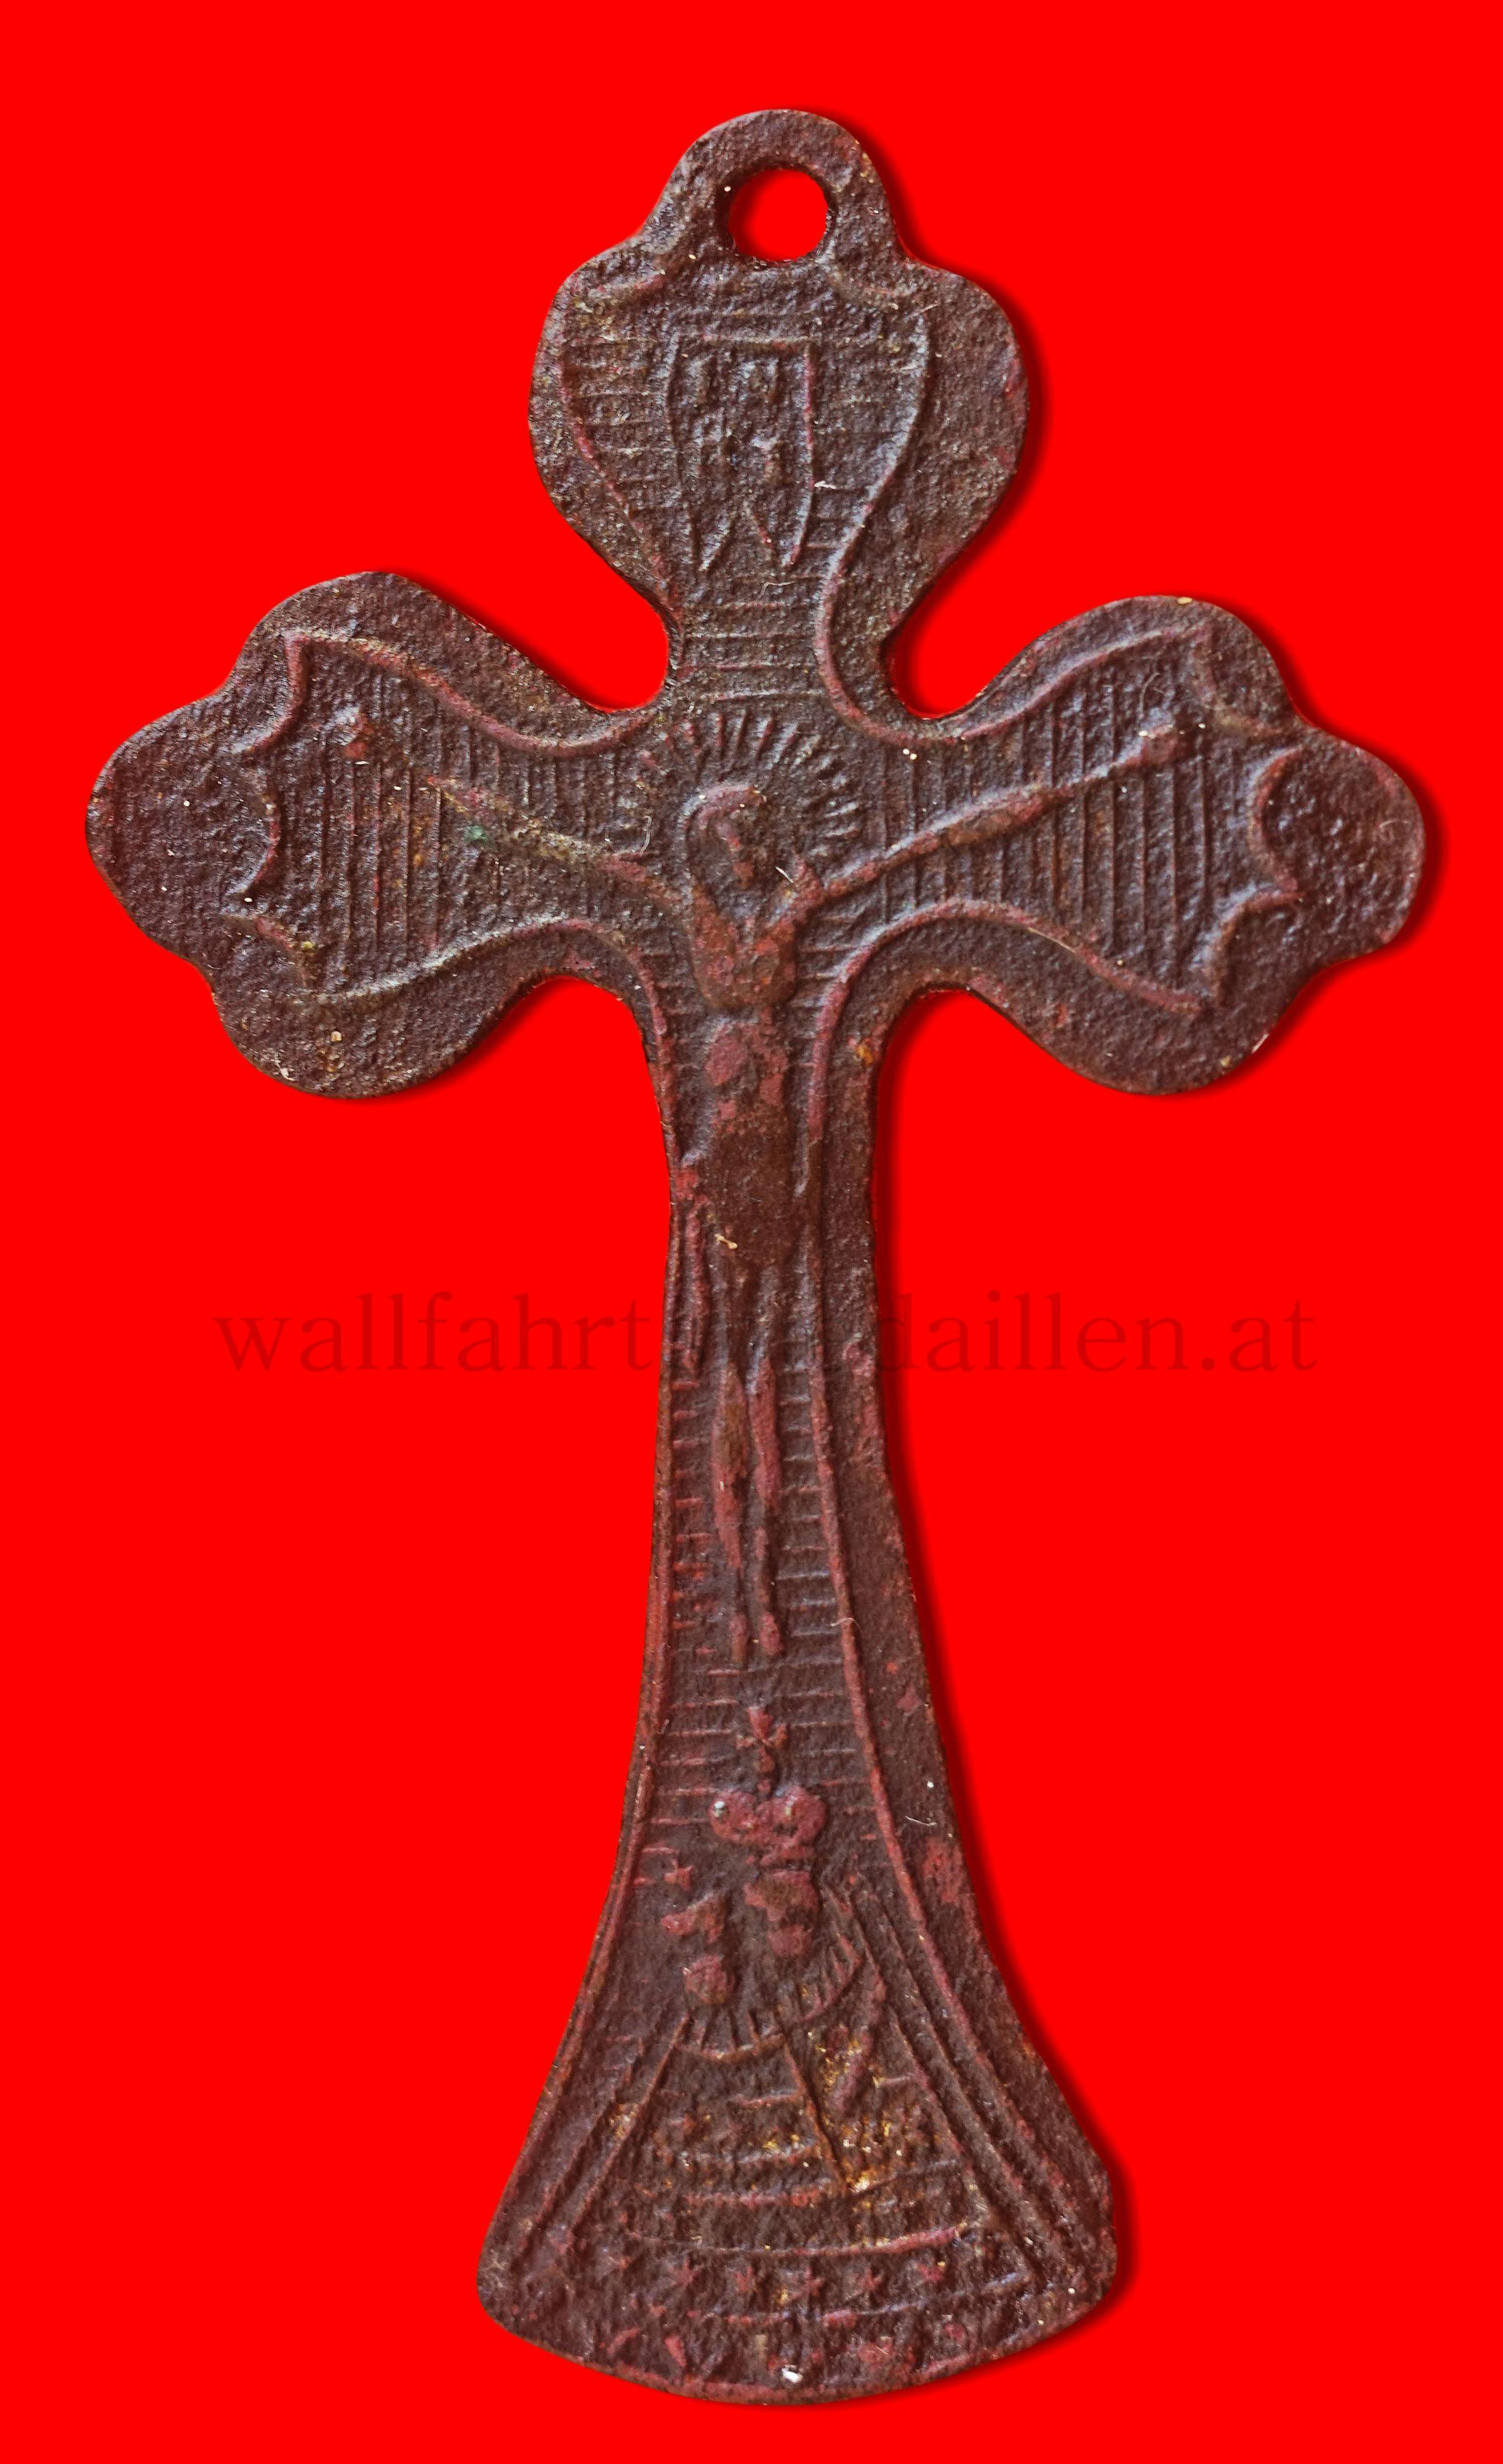 Wallfahrtskreuz aus Maria Zell  (Unter dem Gekreuzigten ist noch leicht das Gnadenbild von Maria Zell zu erkennen)  frühes XIX Jhd